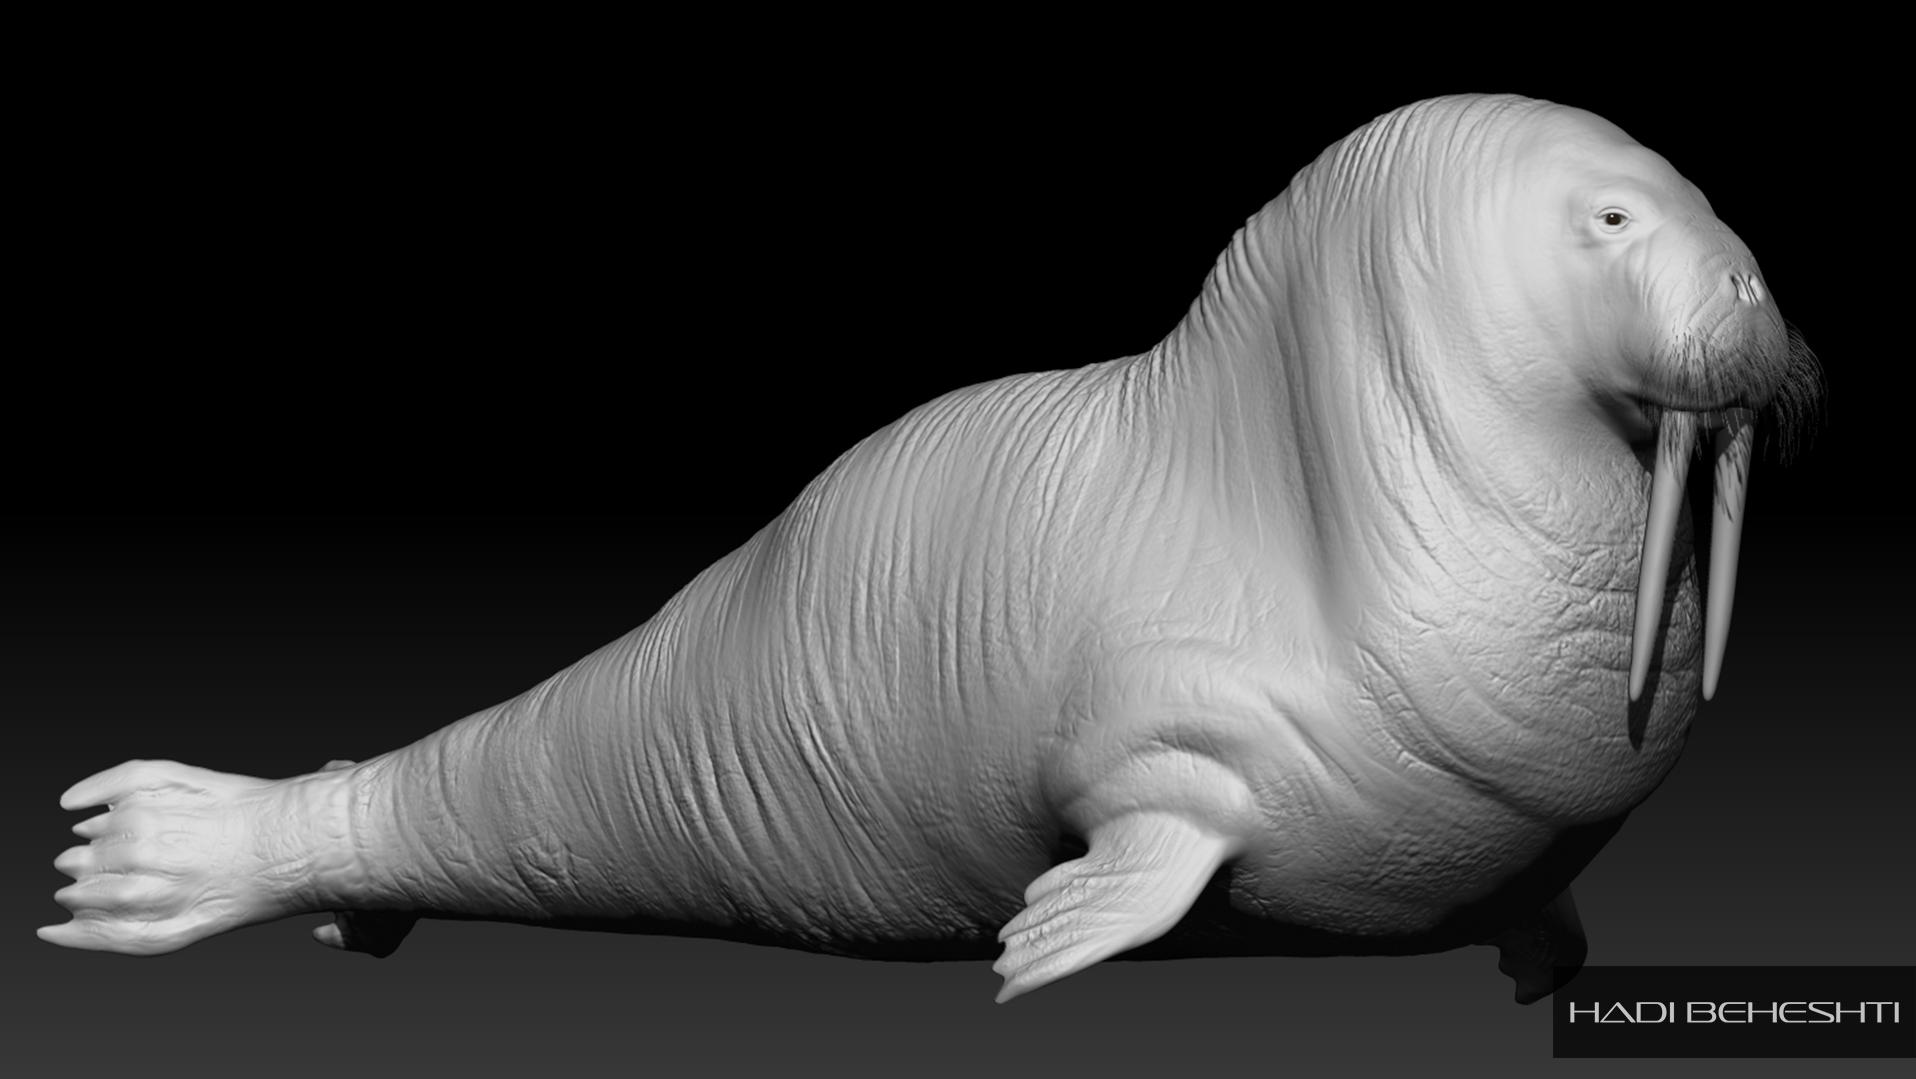 Walrus-a 3d work by Hadi Beheshti